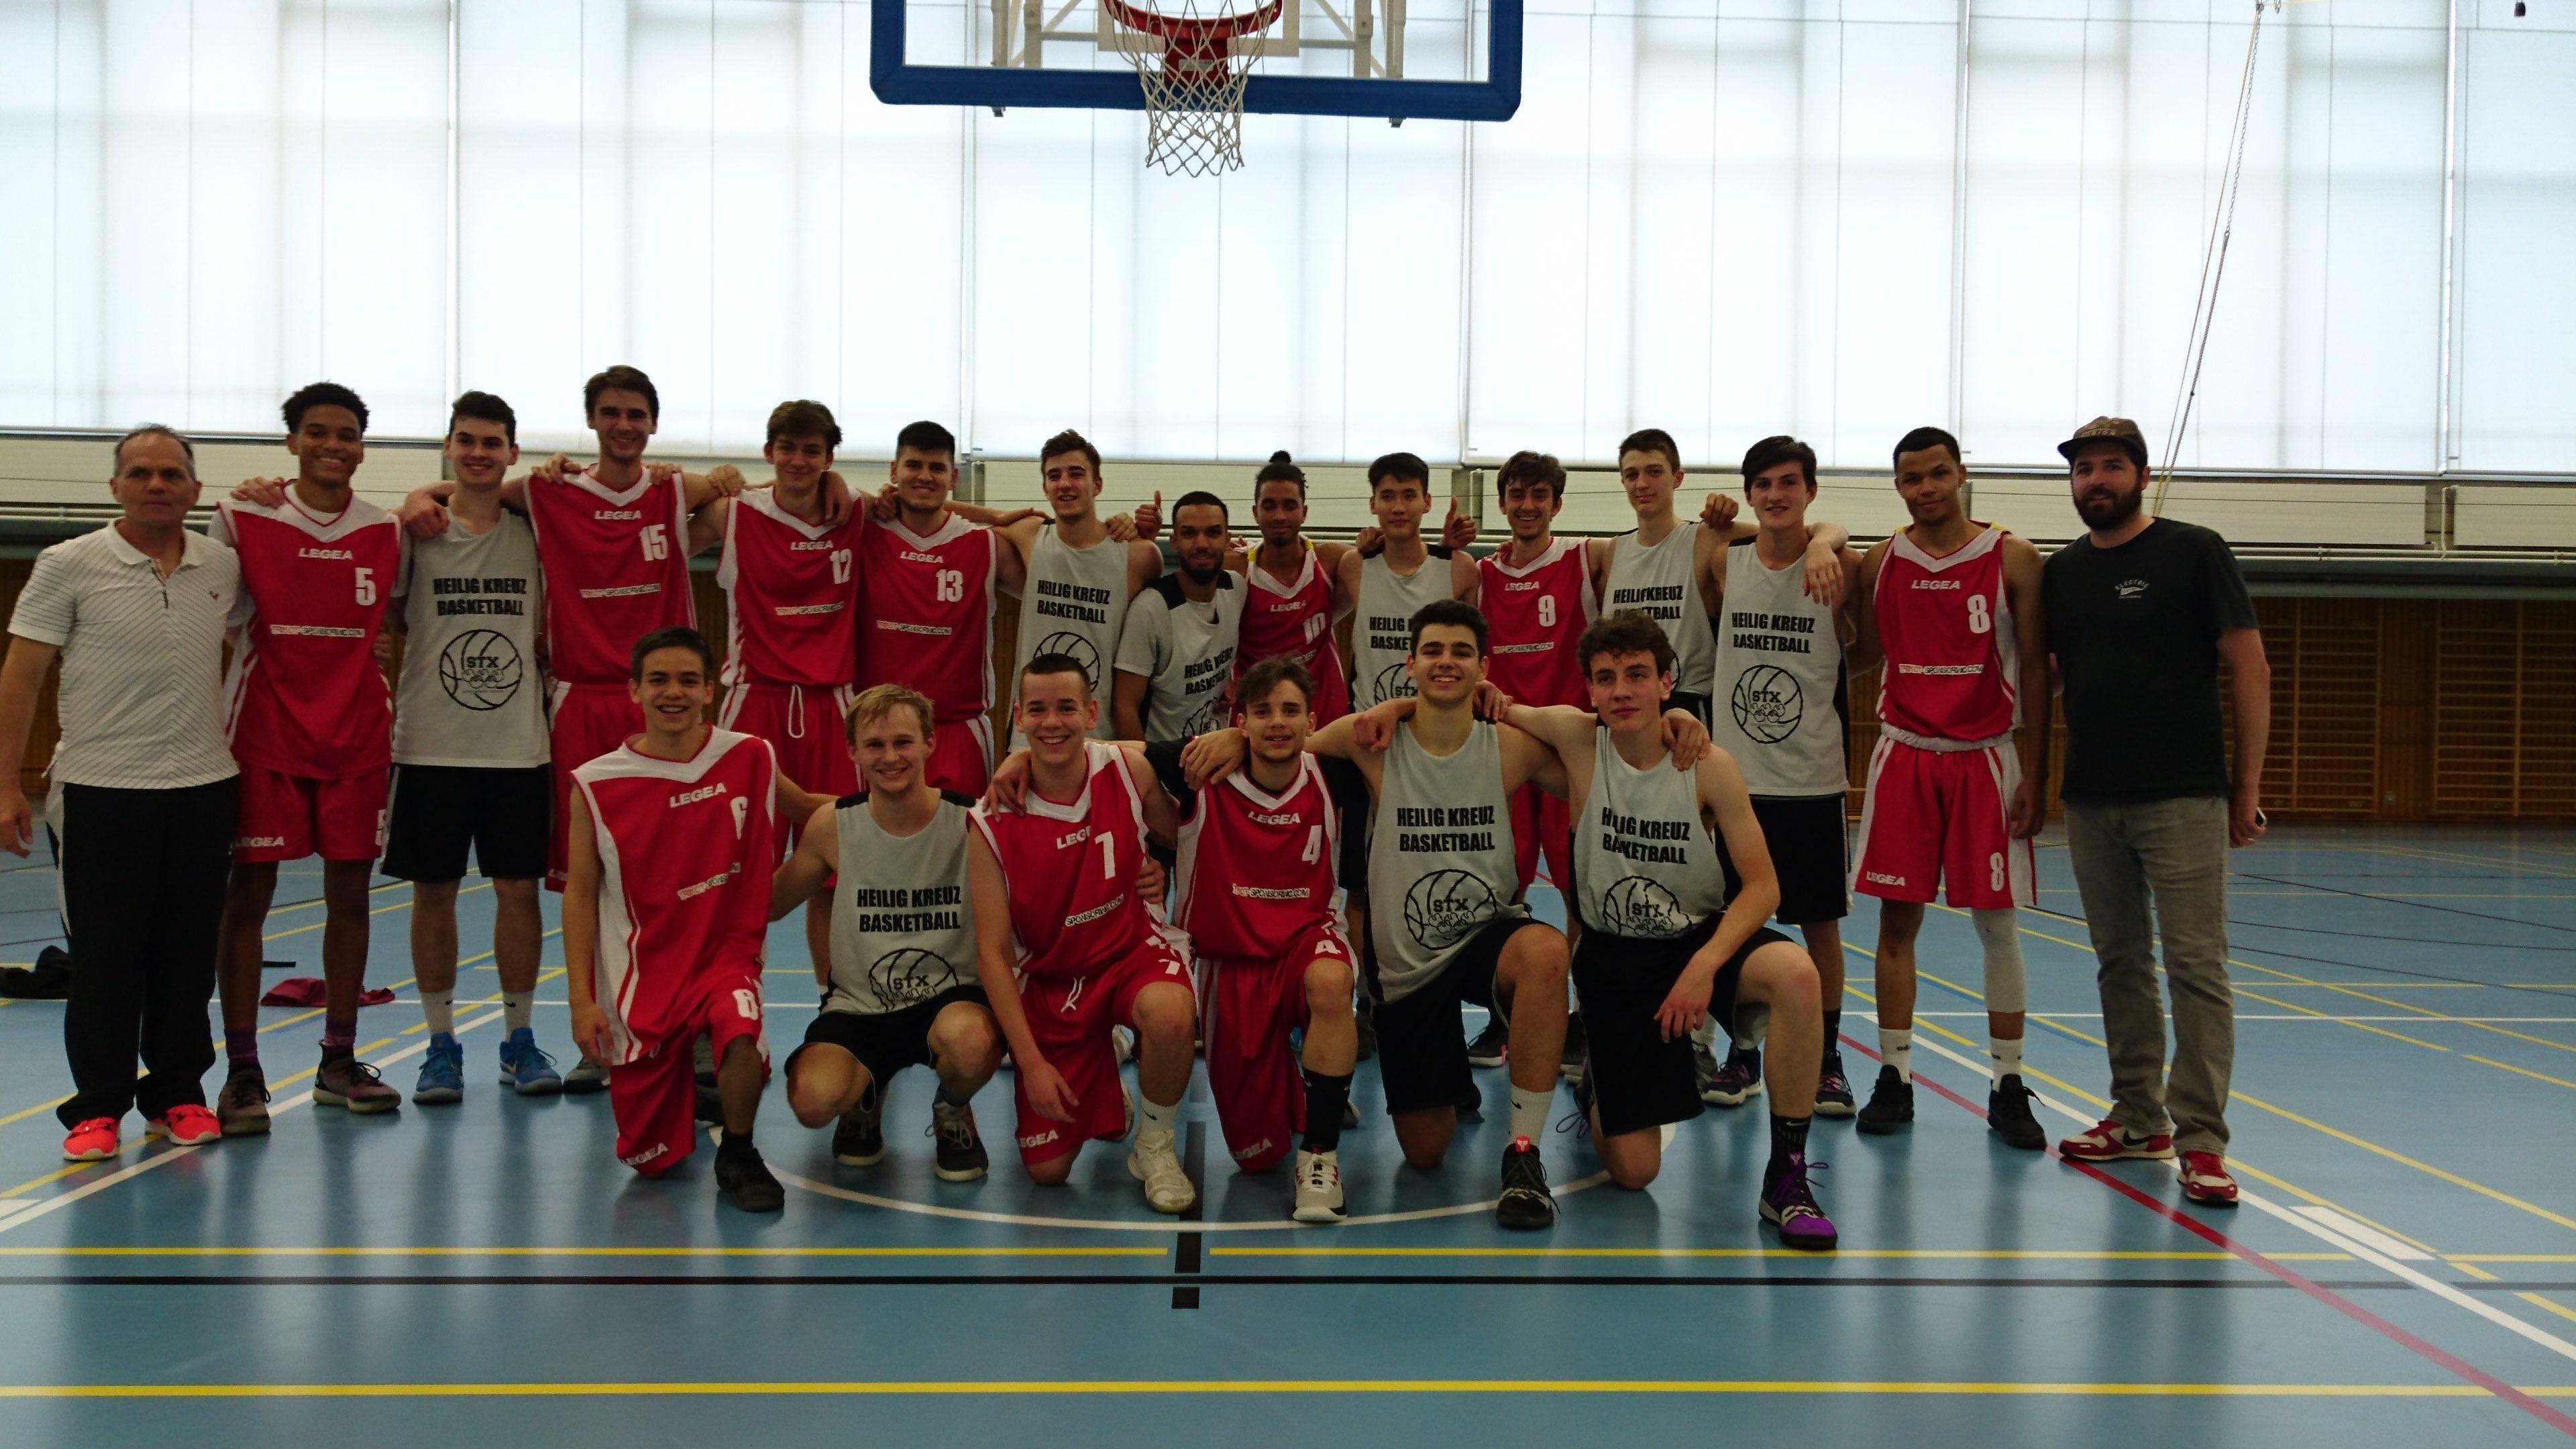 Schweizerische Mittelschulmeisterschaften Basketball 2019 – Vernier, Genève le 17.05.2019: 2e place